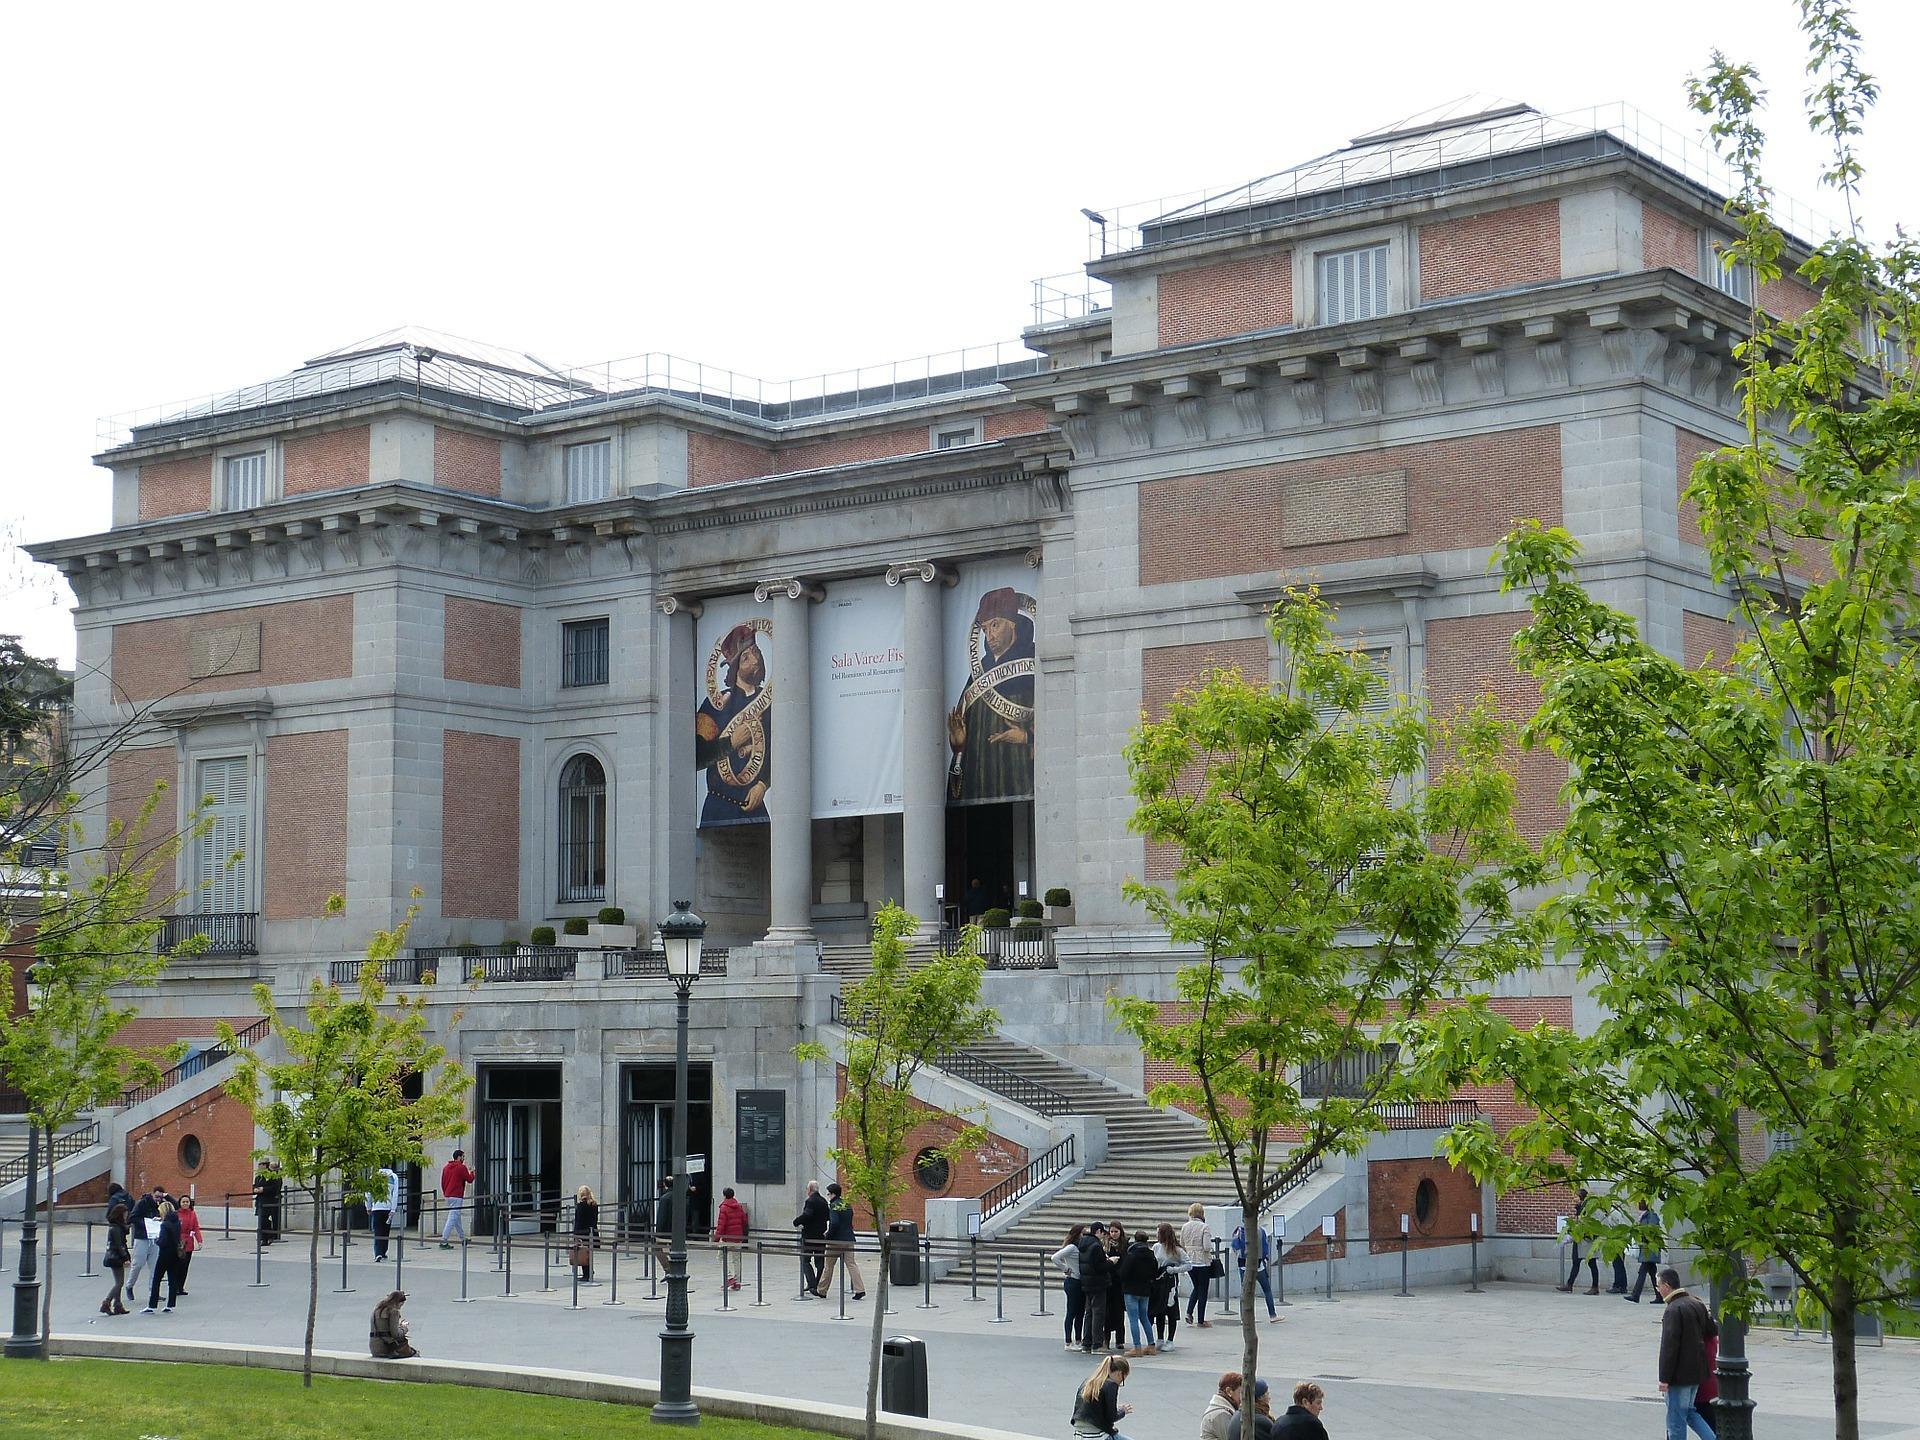 Edificio Museo del Prado